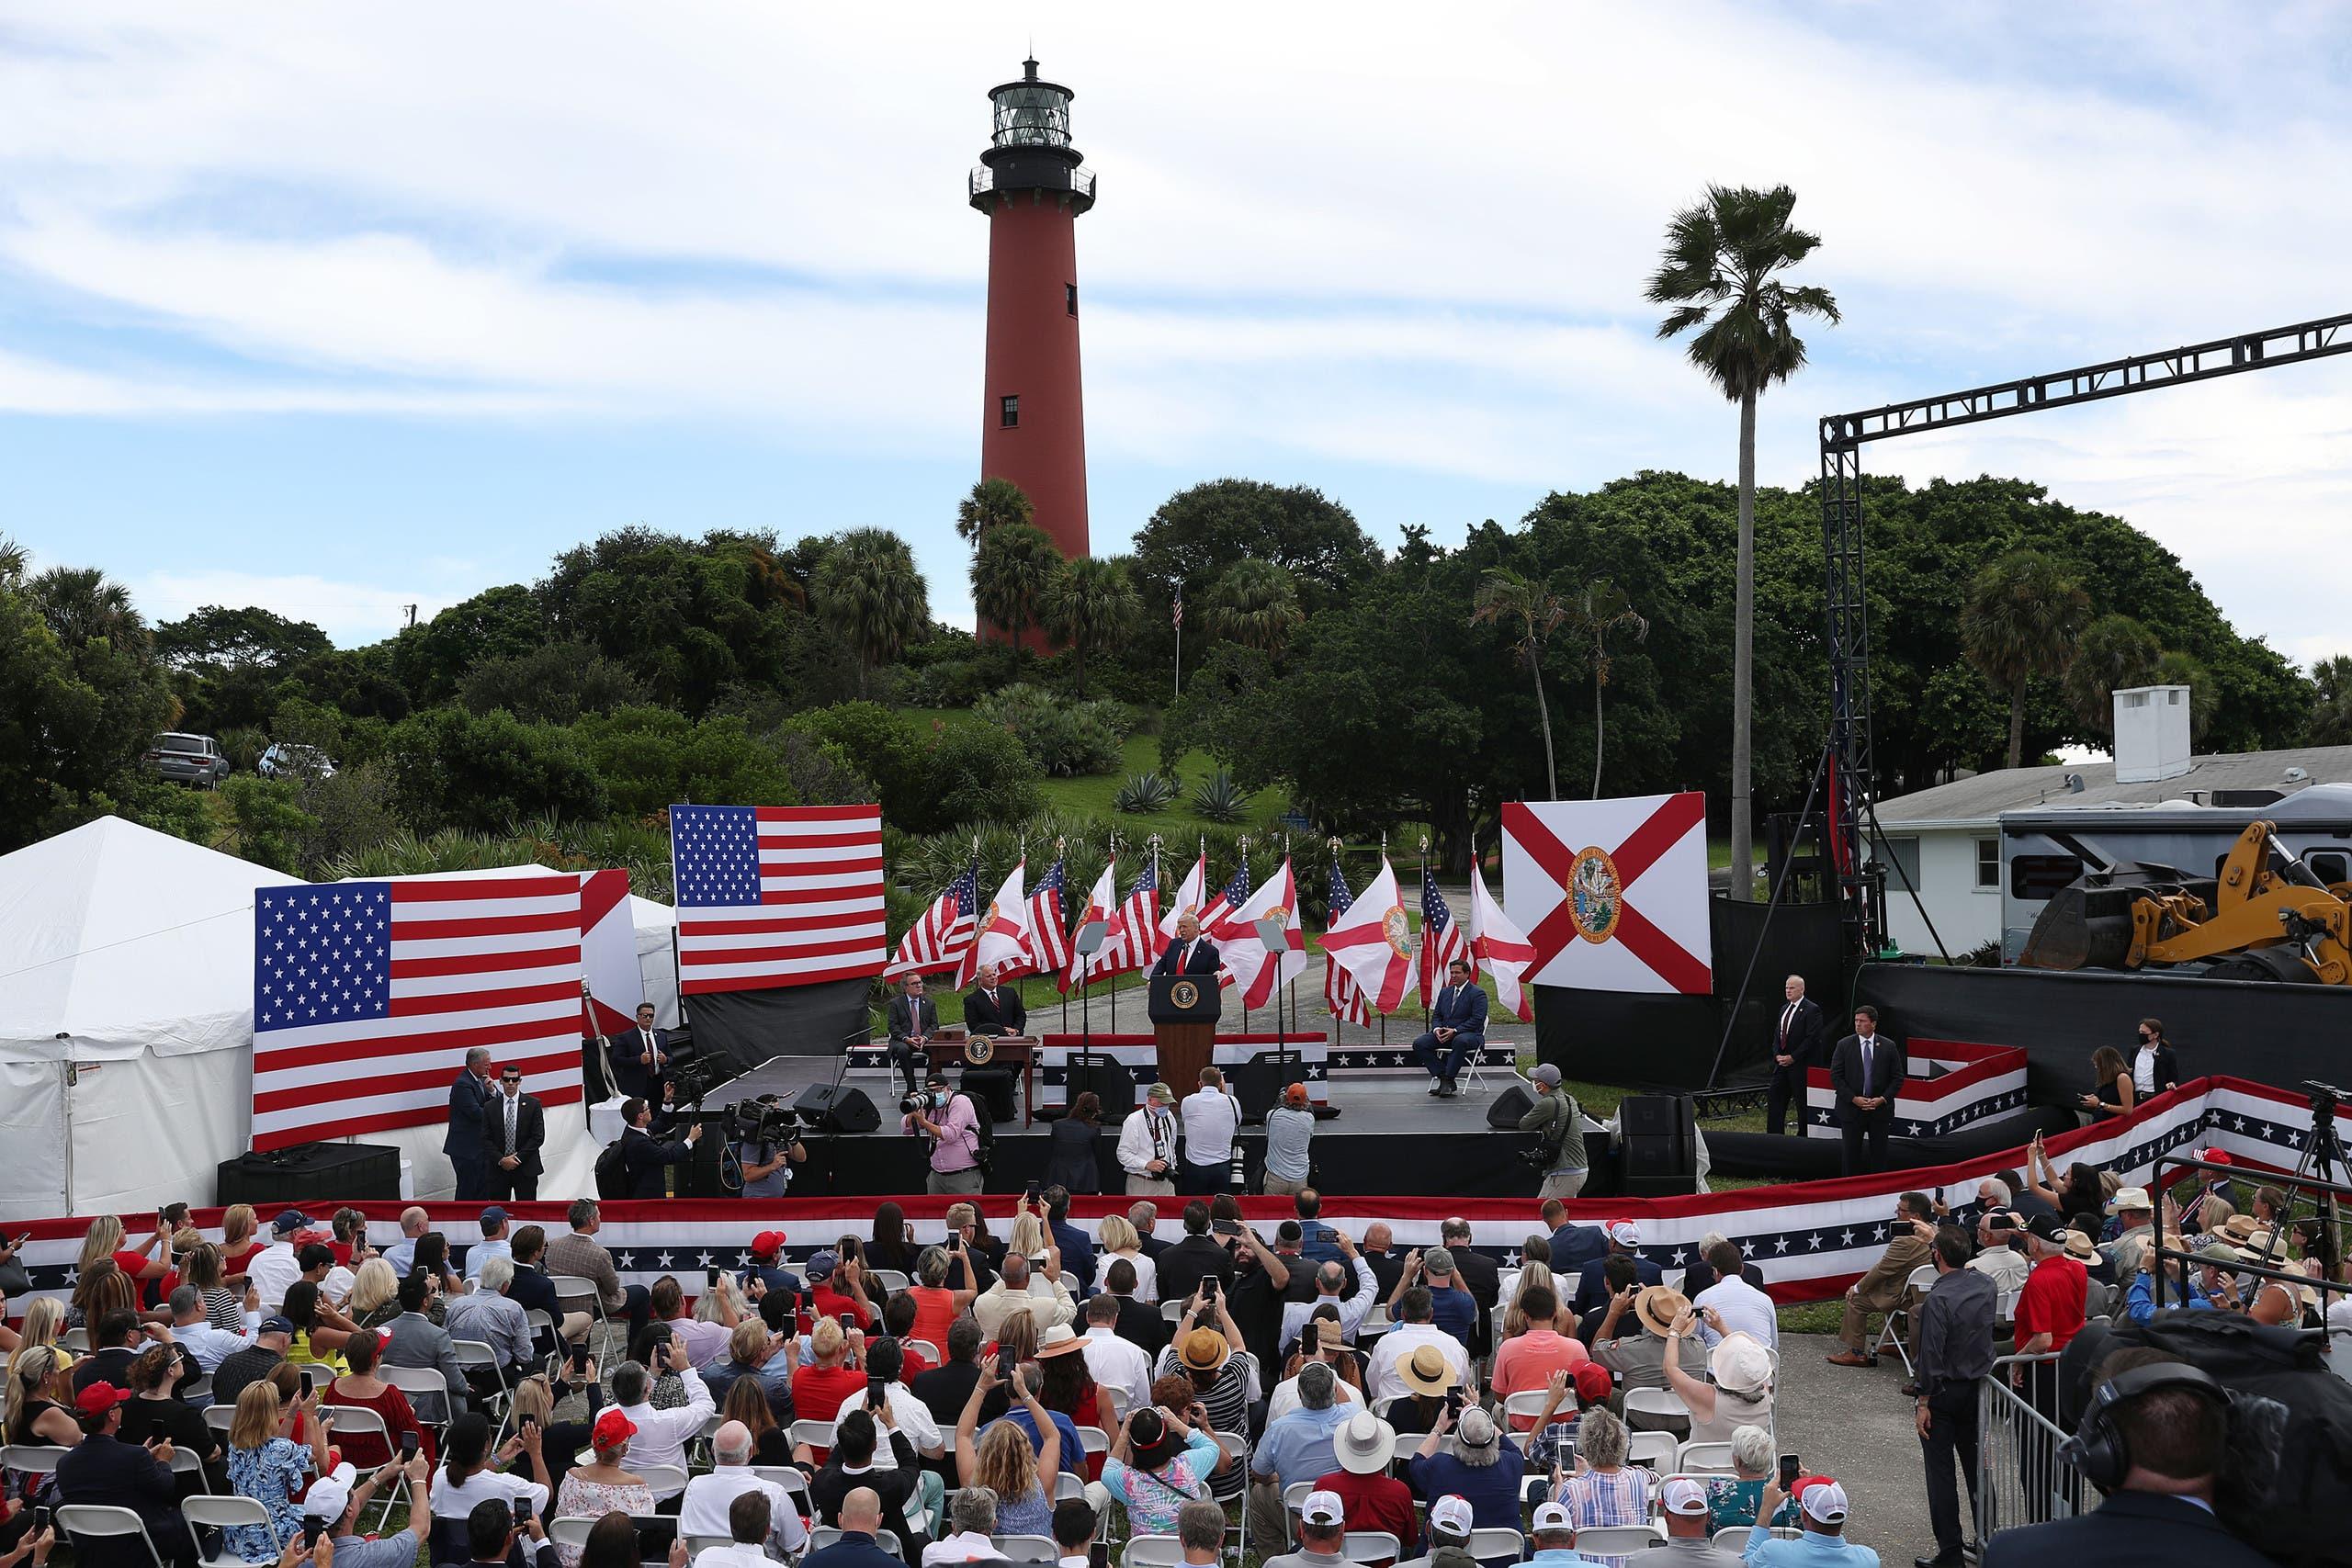 تجمع انتخابي لترمب في فلوريدا